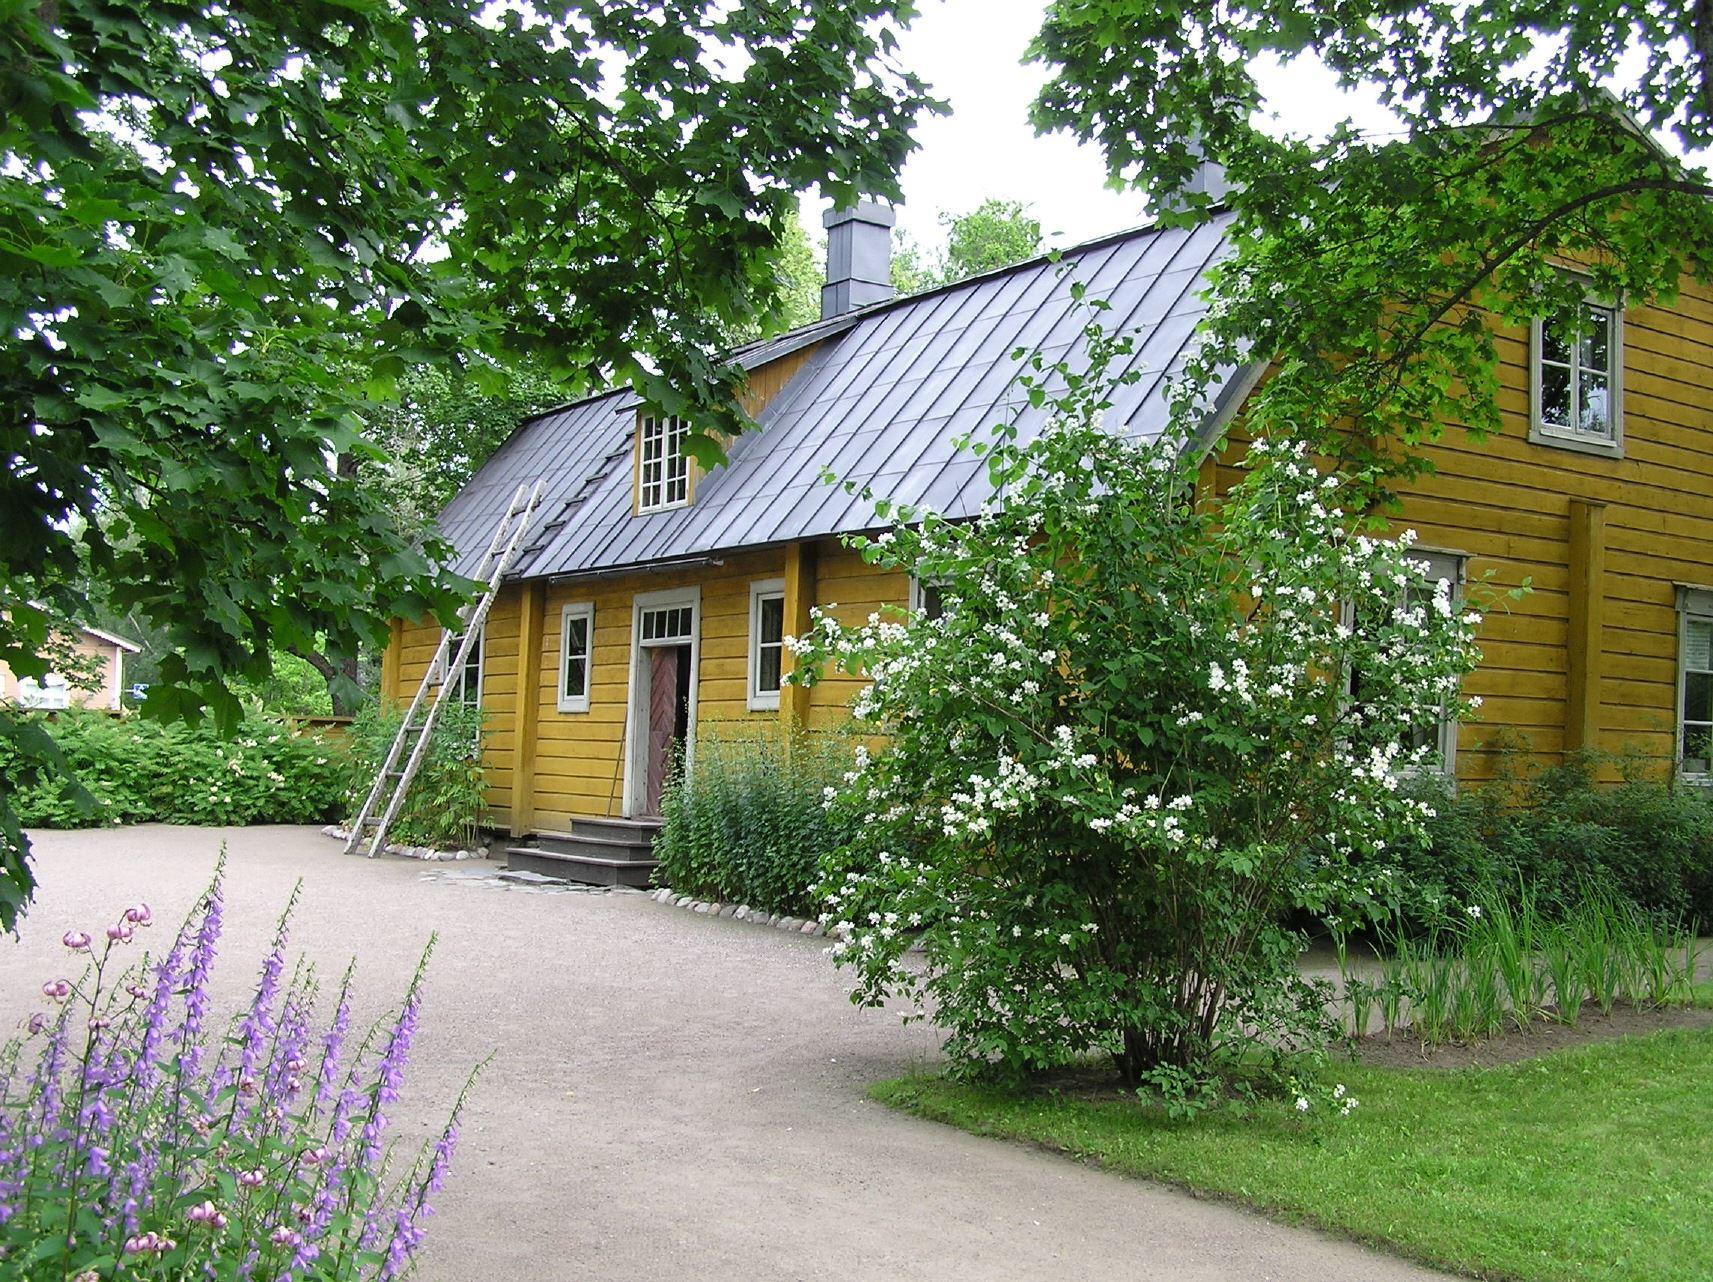 Aschan's House